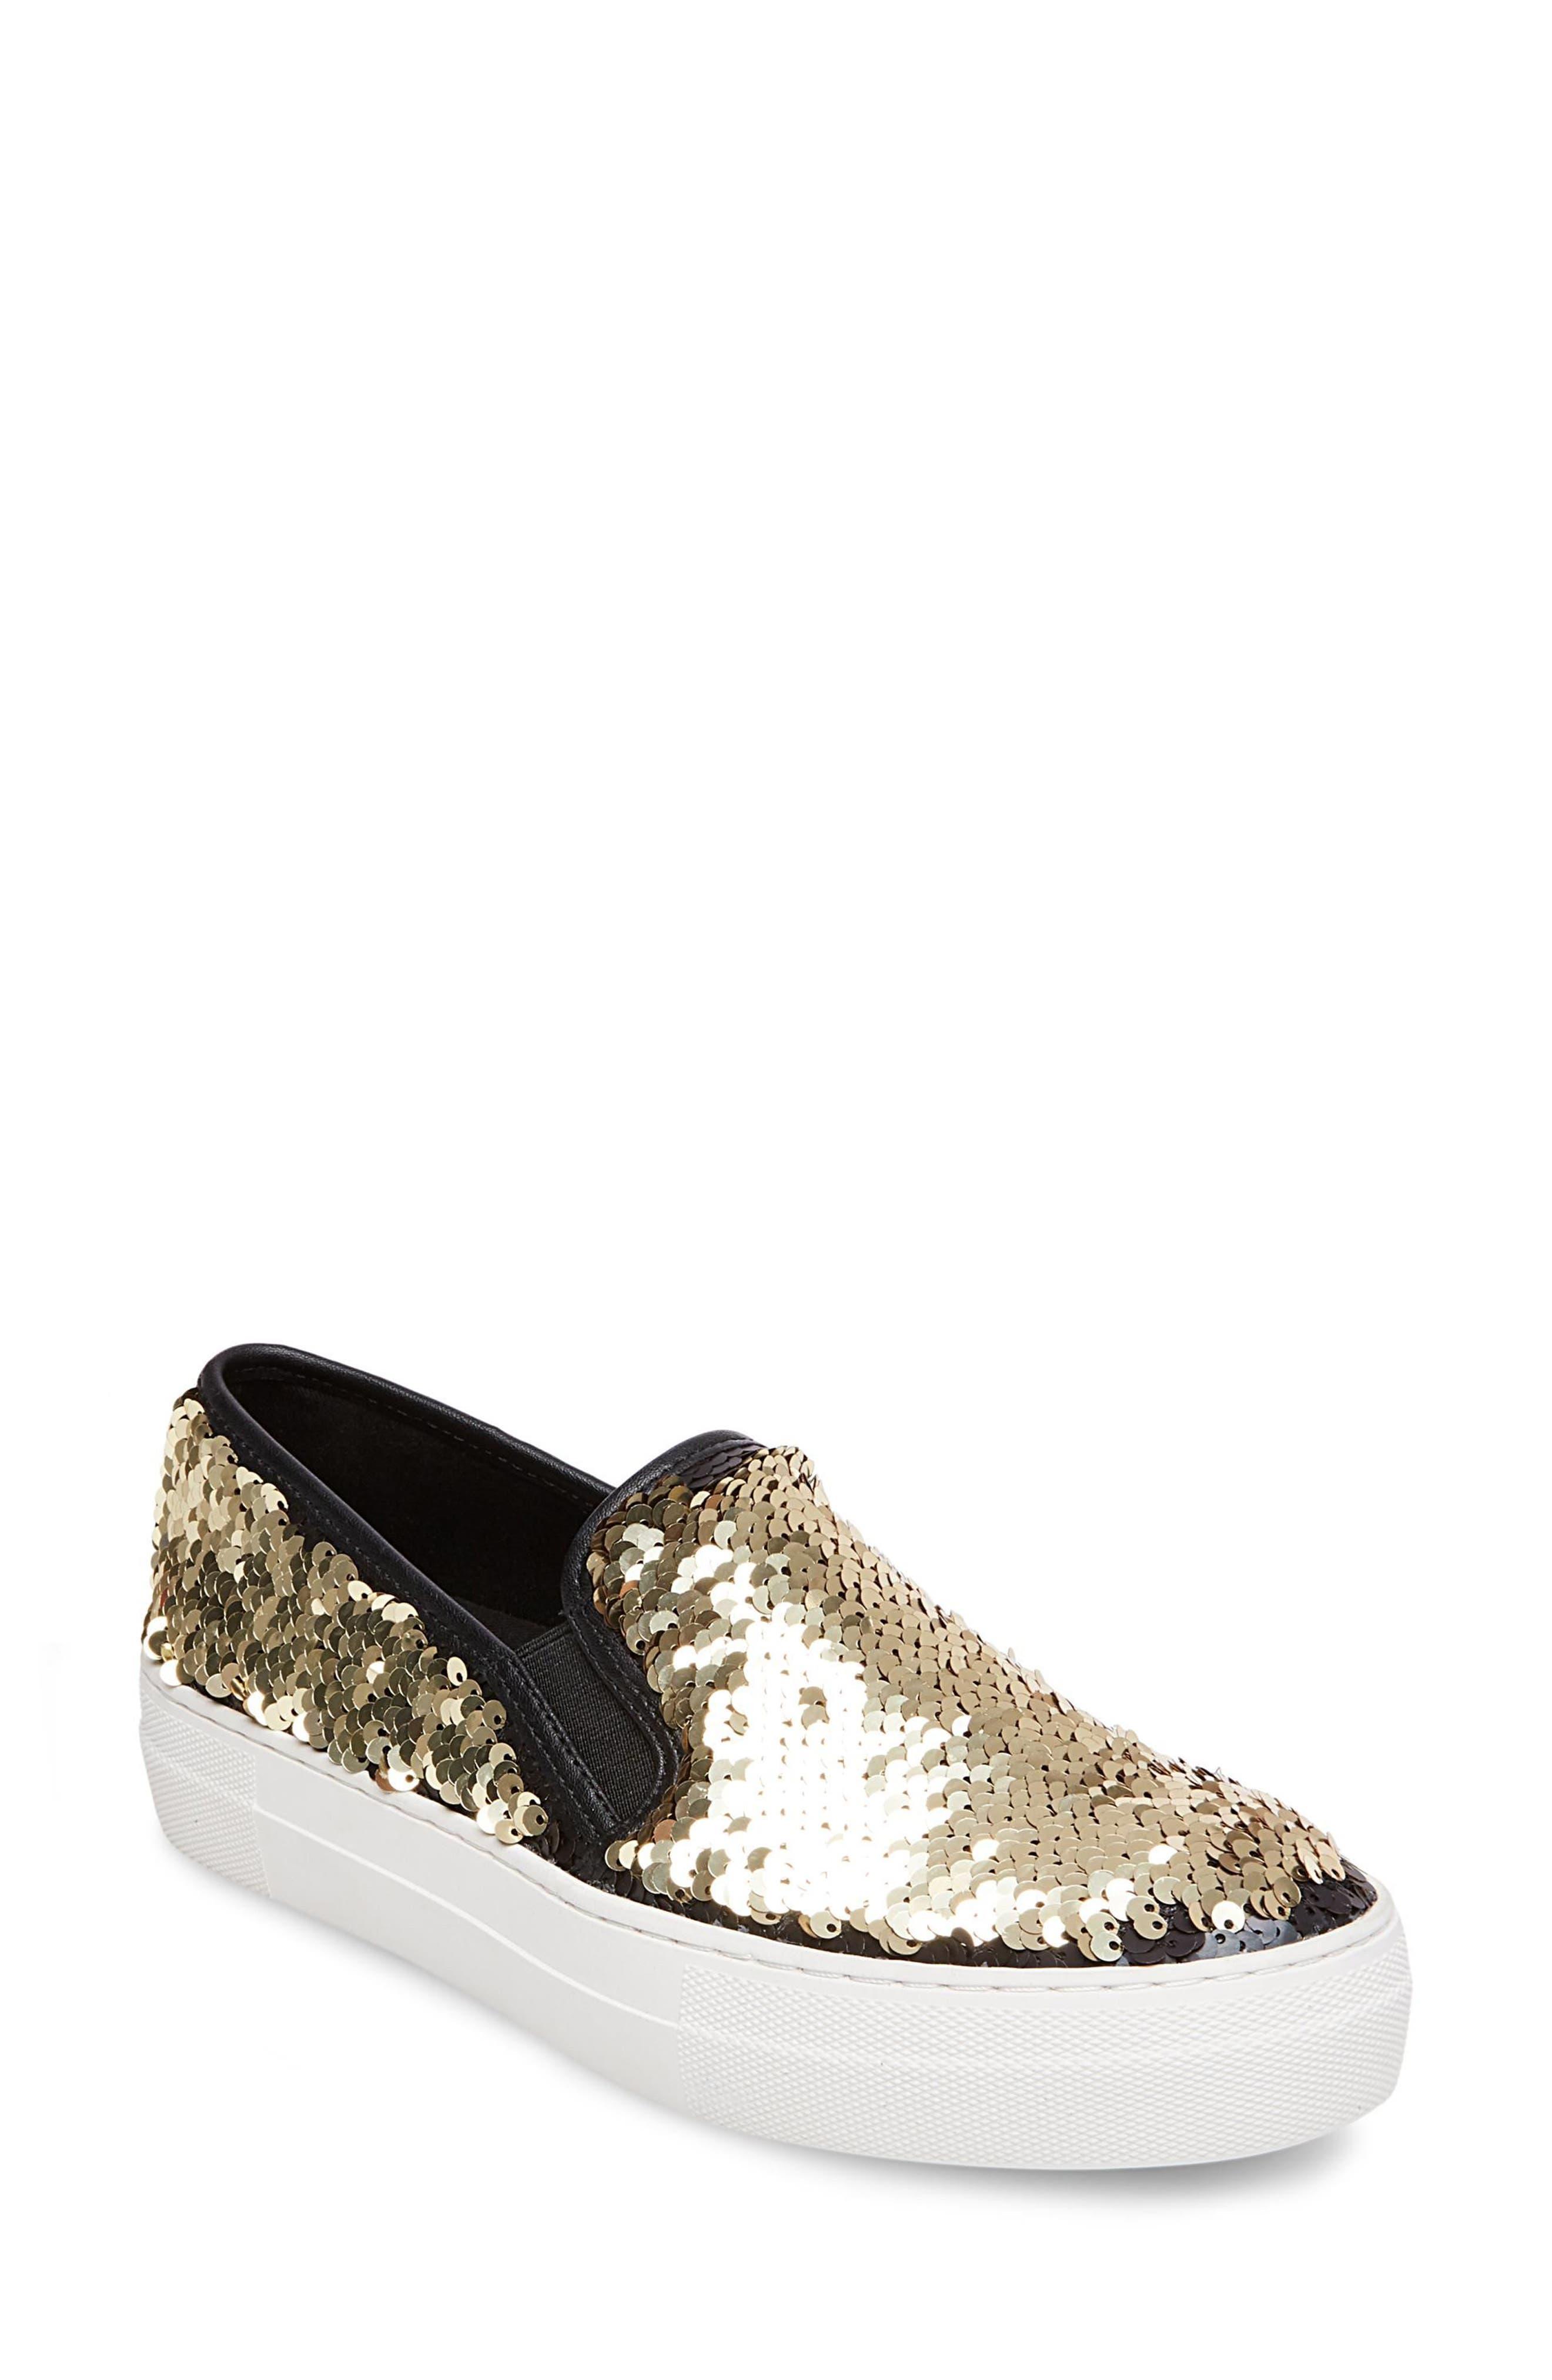 Gills Sequined Slip-On Platform Sneaker,                             Alternate thumbnail 7, color,                             001